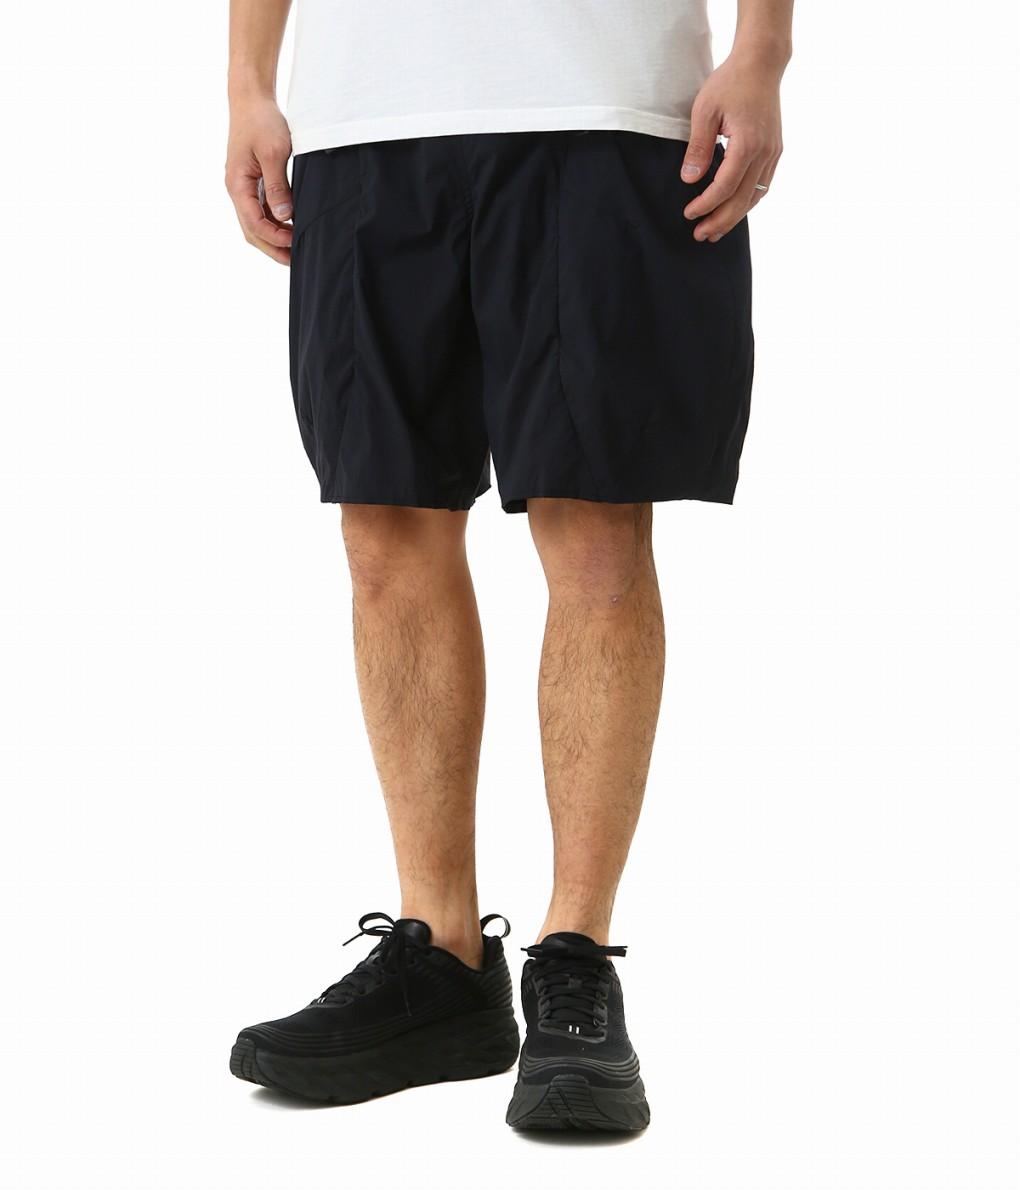 alk phenix / アルクフェニックス : zak shorts/karu stretch / 全2色 : ザクショーツ カル ストレッチ ショーツ パンツ ハーフパンツ メンズ : PO912SP07 【PIE】【REA】